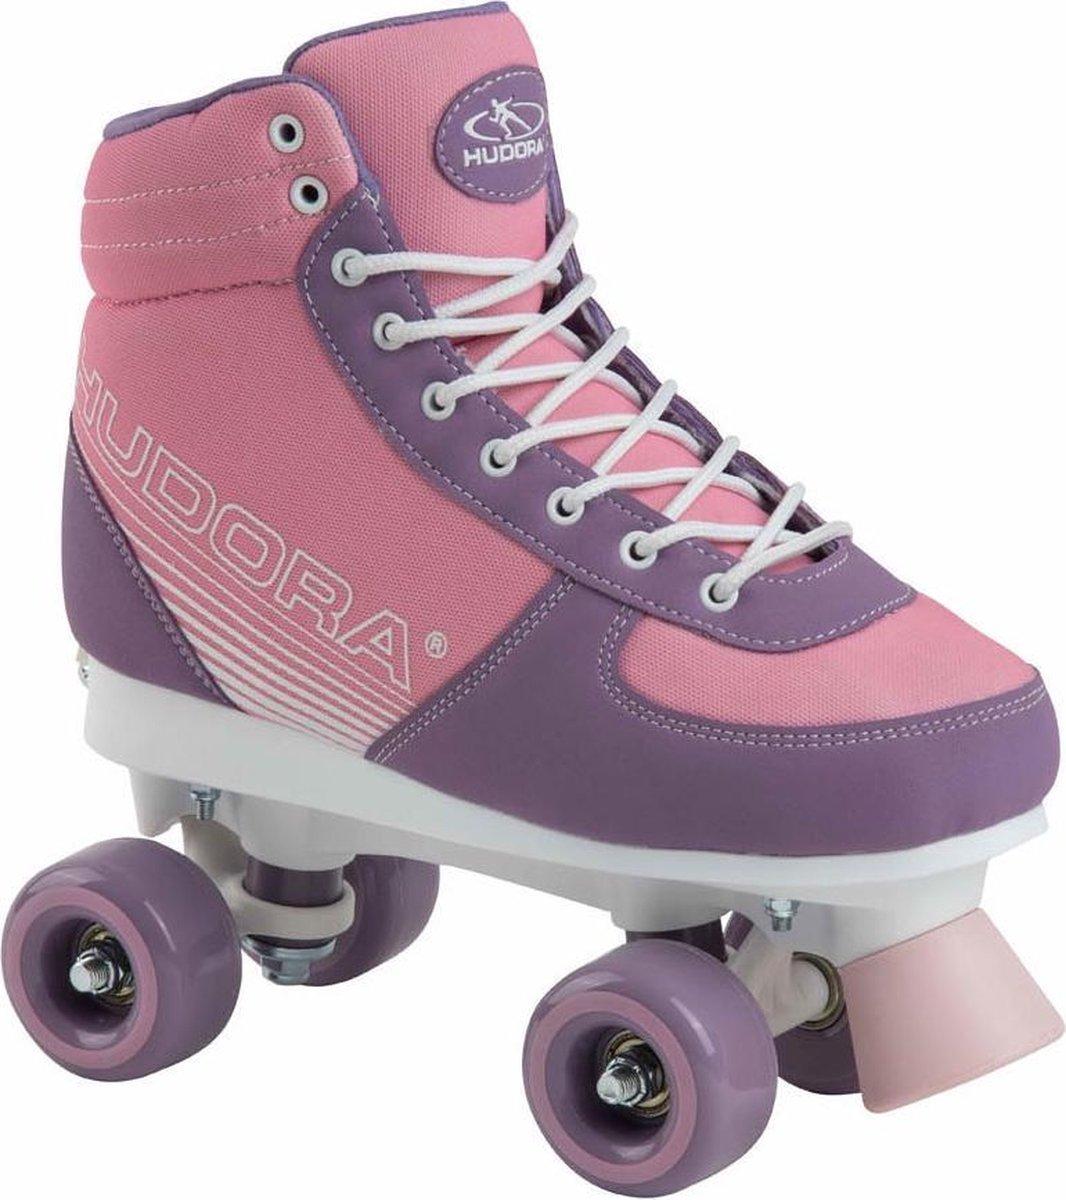 Hudora Rolschaatsen Roze, Maat 31-34